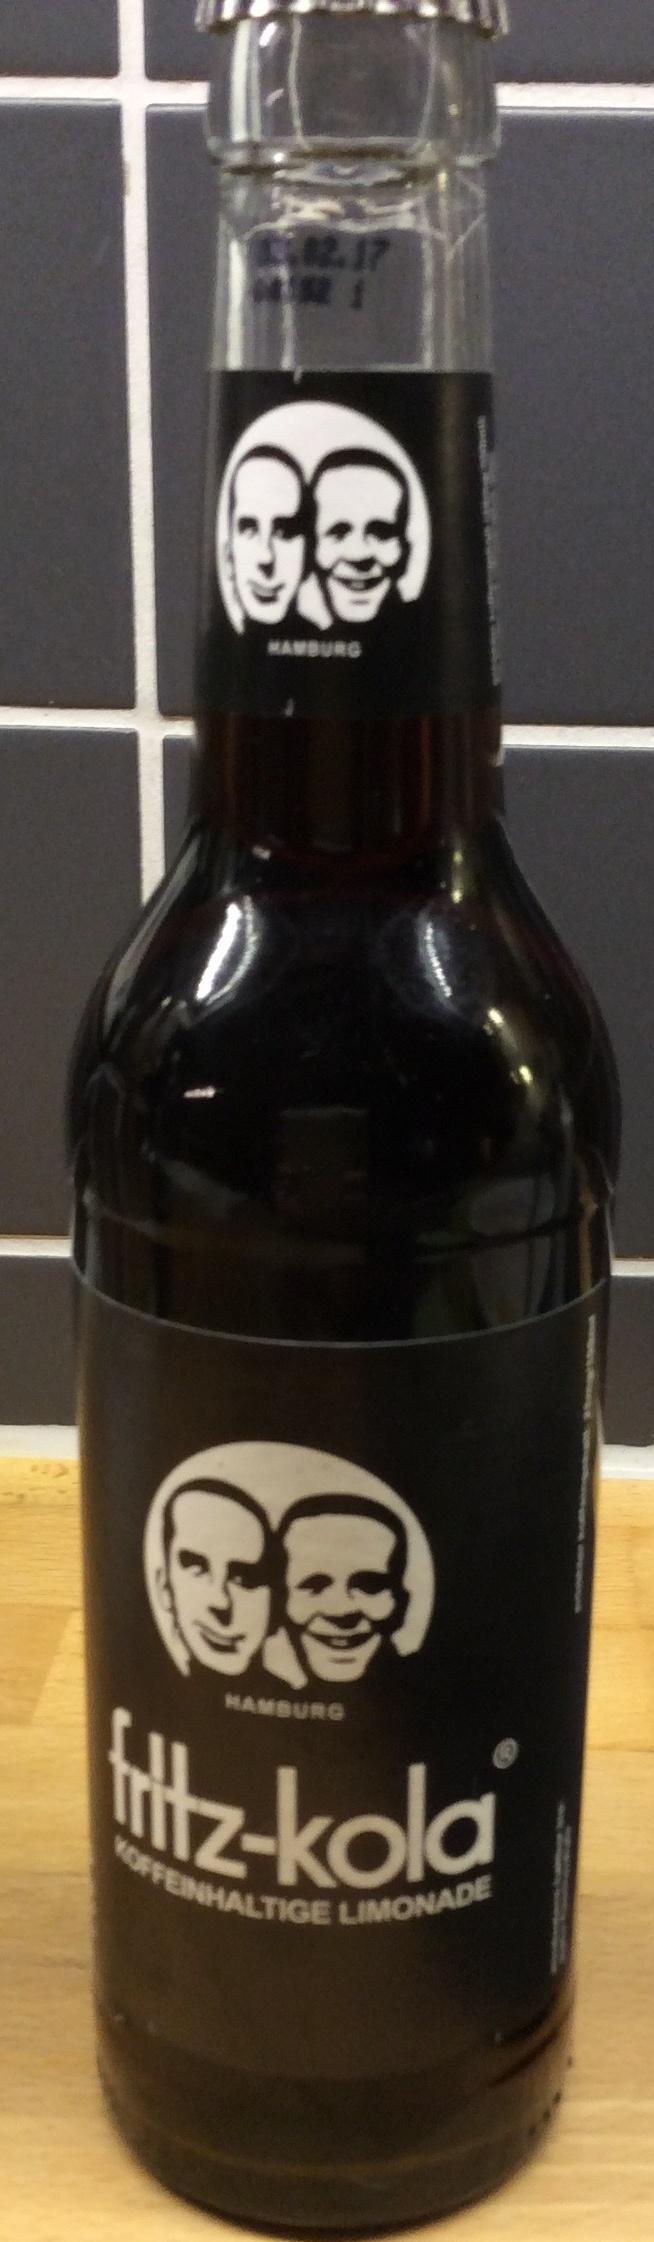 Fritz-kola — 330 ml